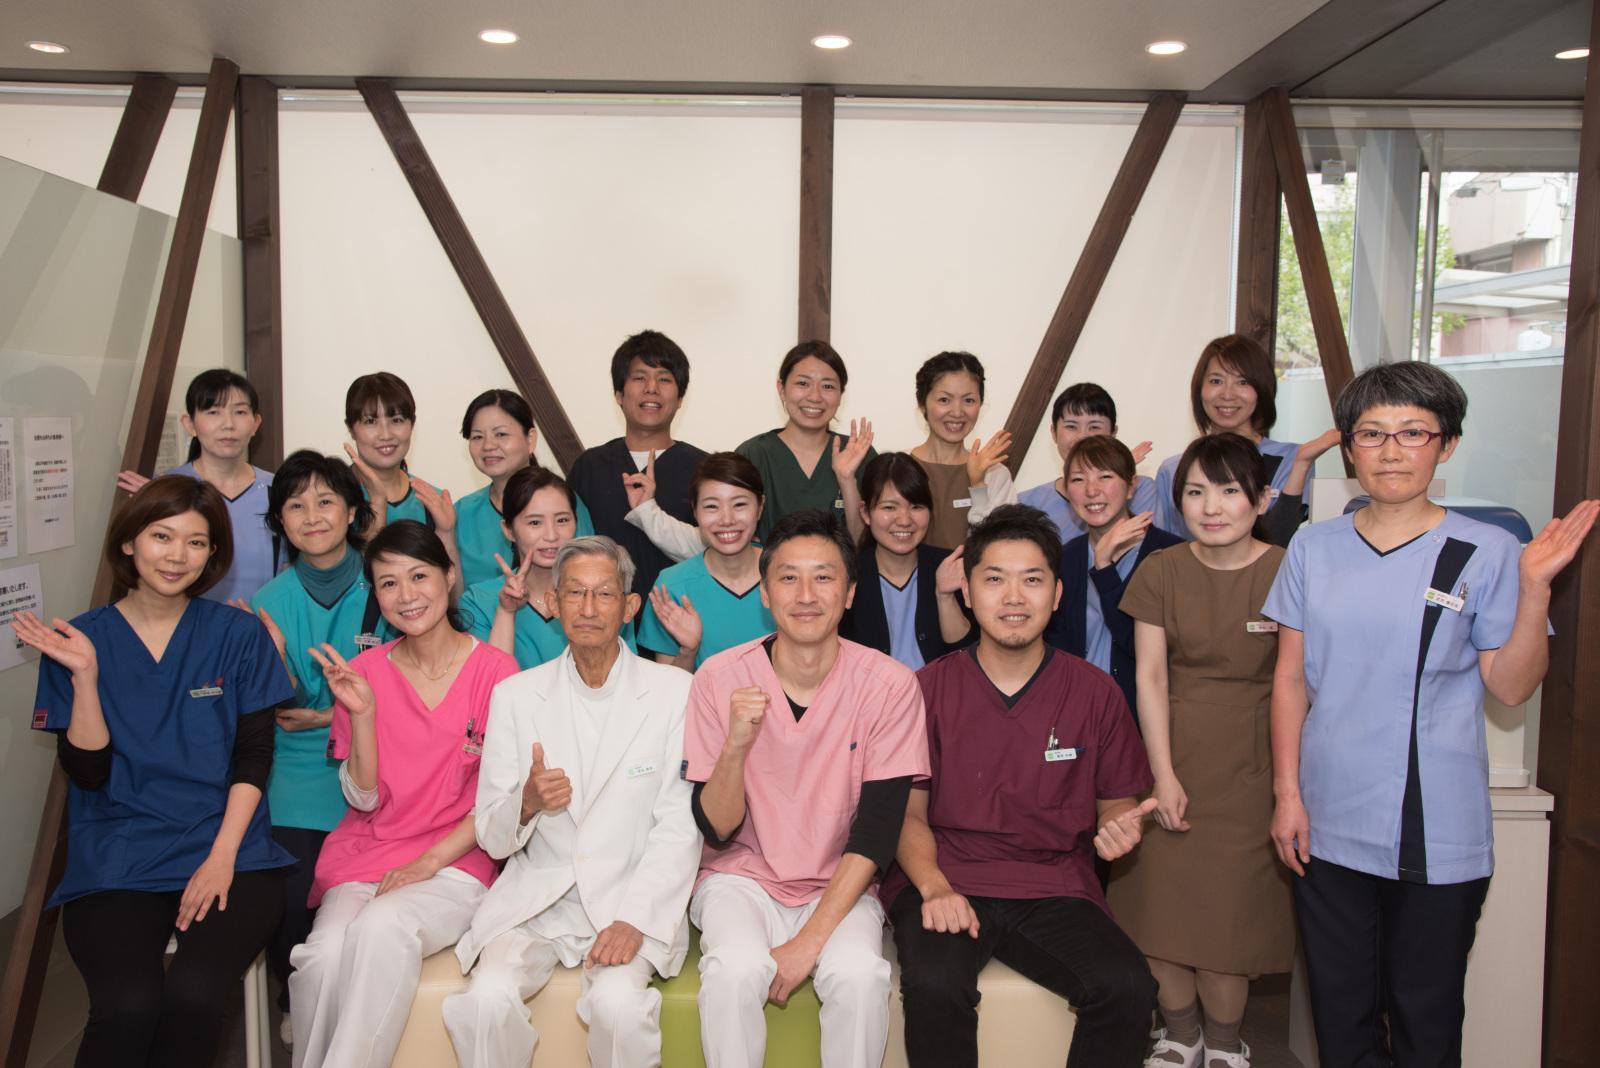 【名古屋】歯科医院で「減菌スタッフ」等のお仕事